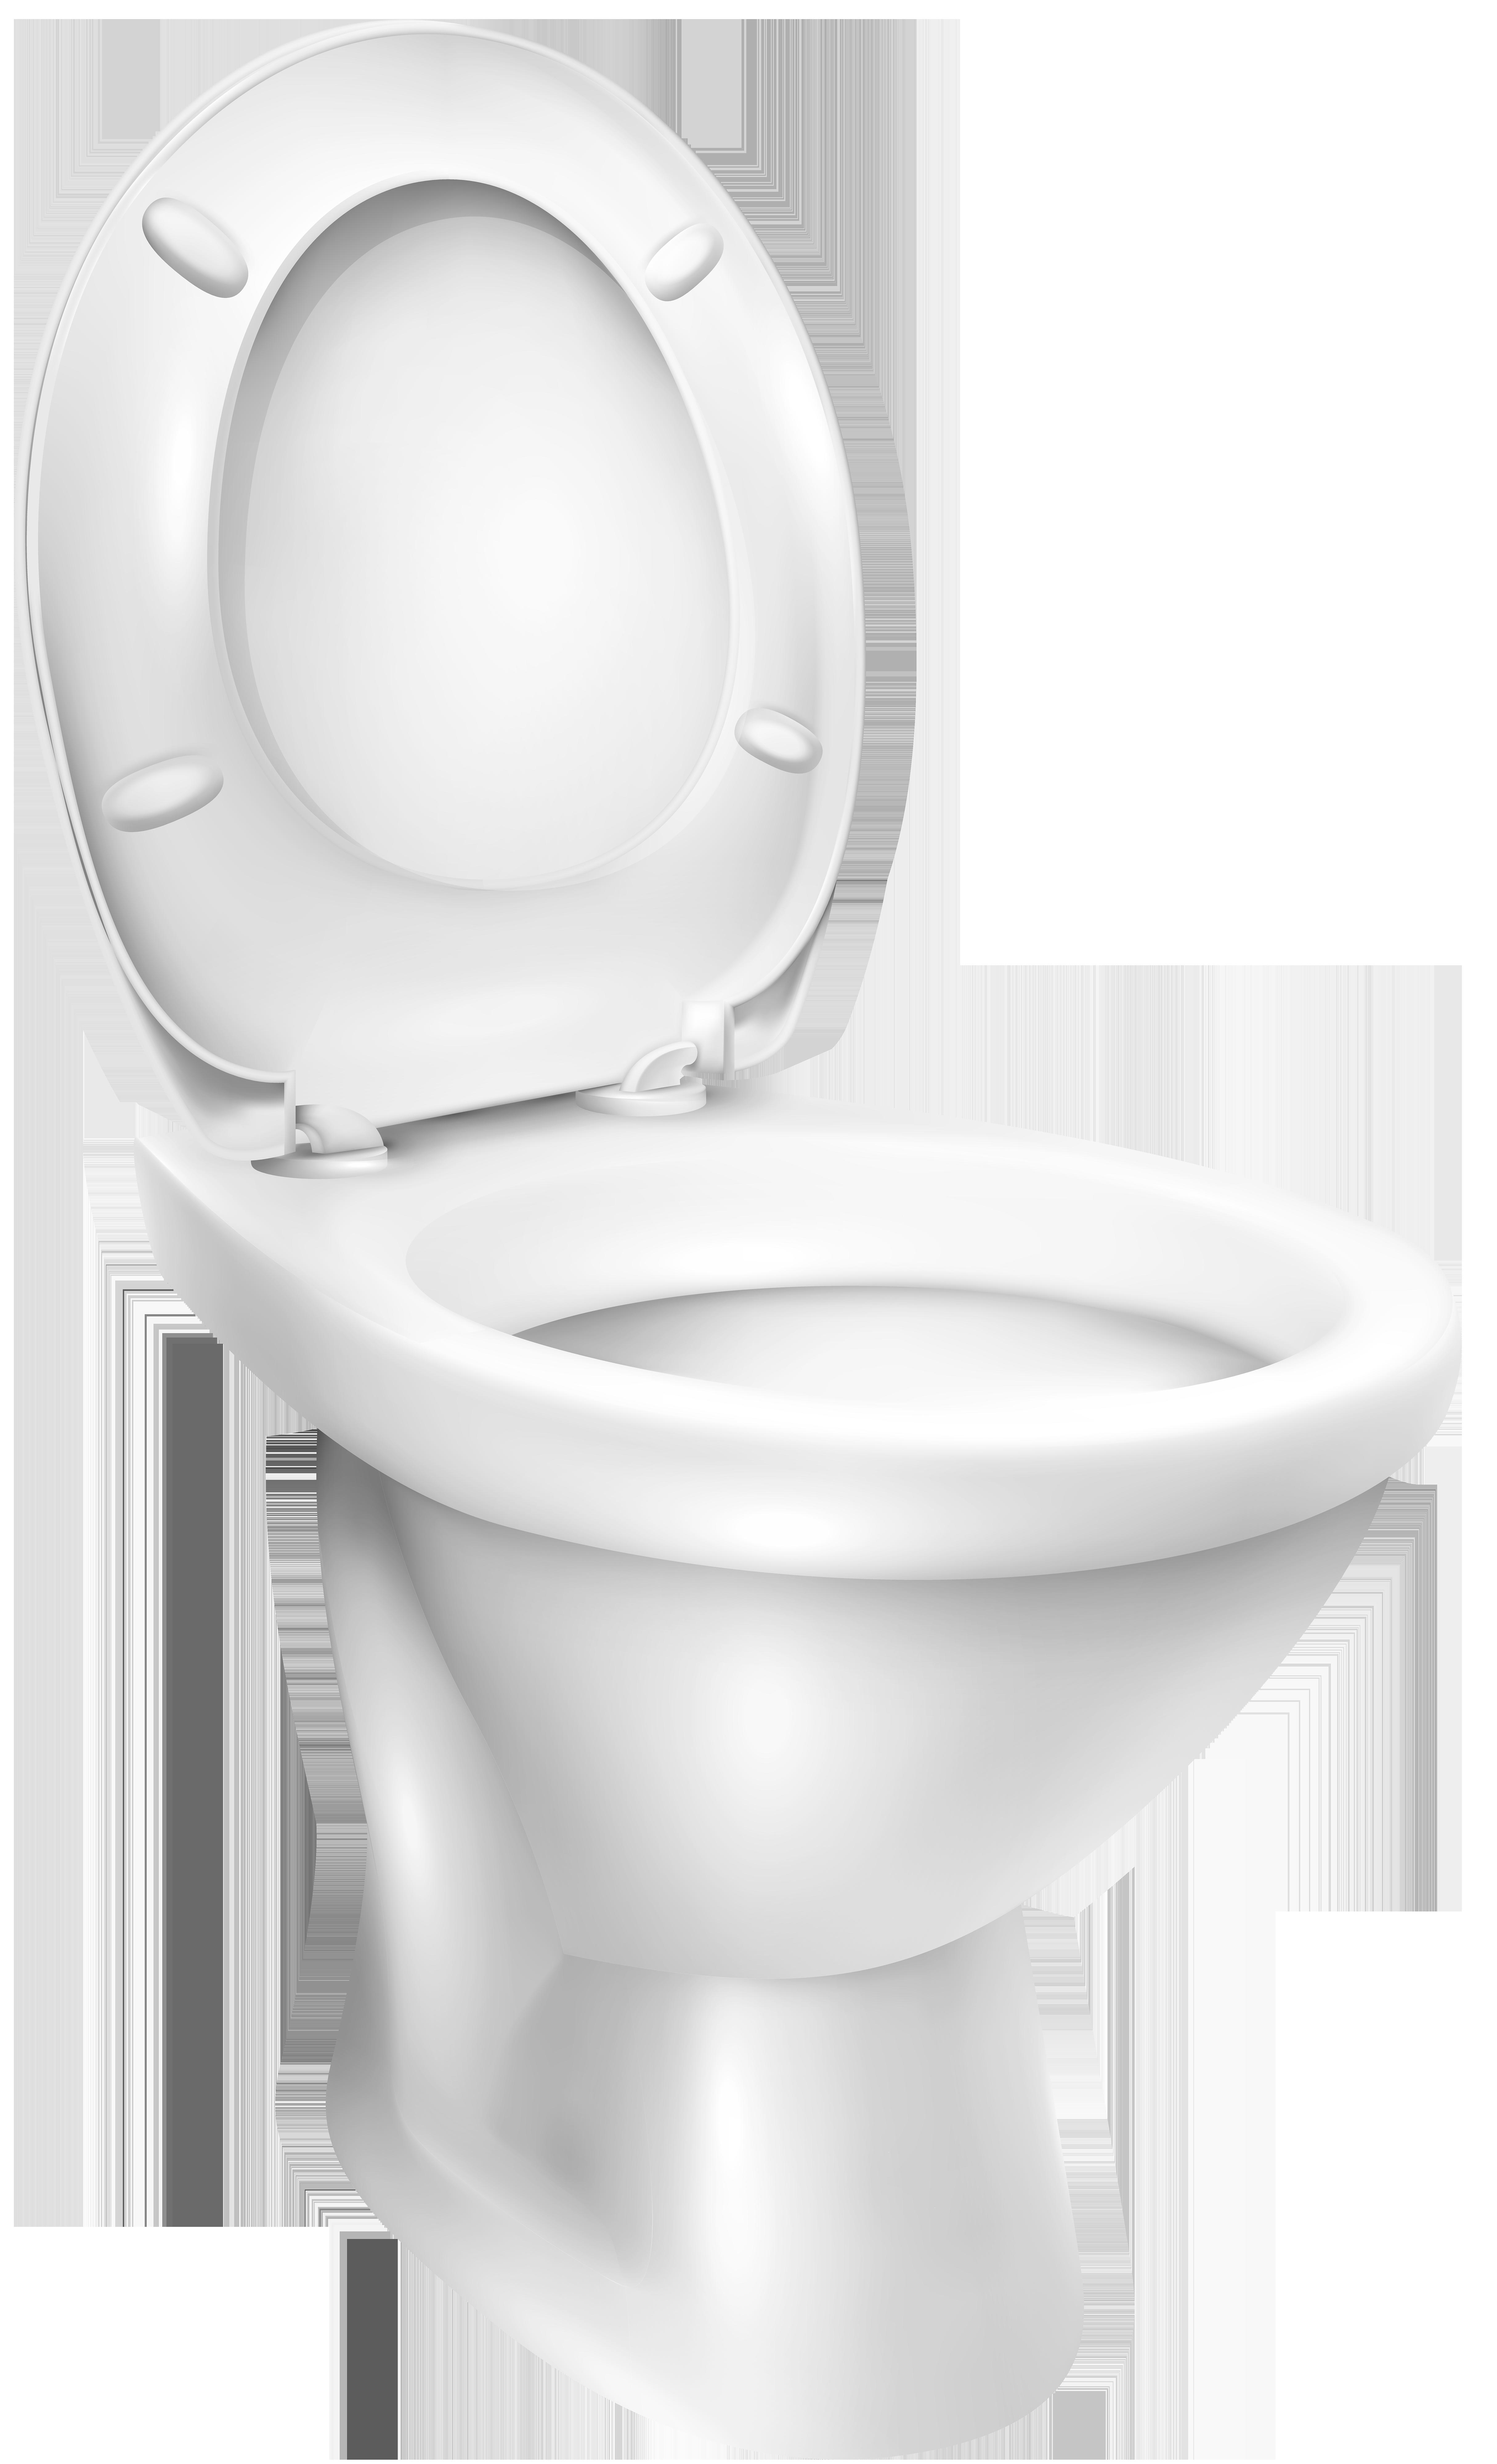 Bowl with money under it clipart transparent download Toilet Bowl PNG Clip Art - Best WEB Clipart transparent download